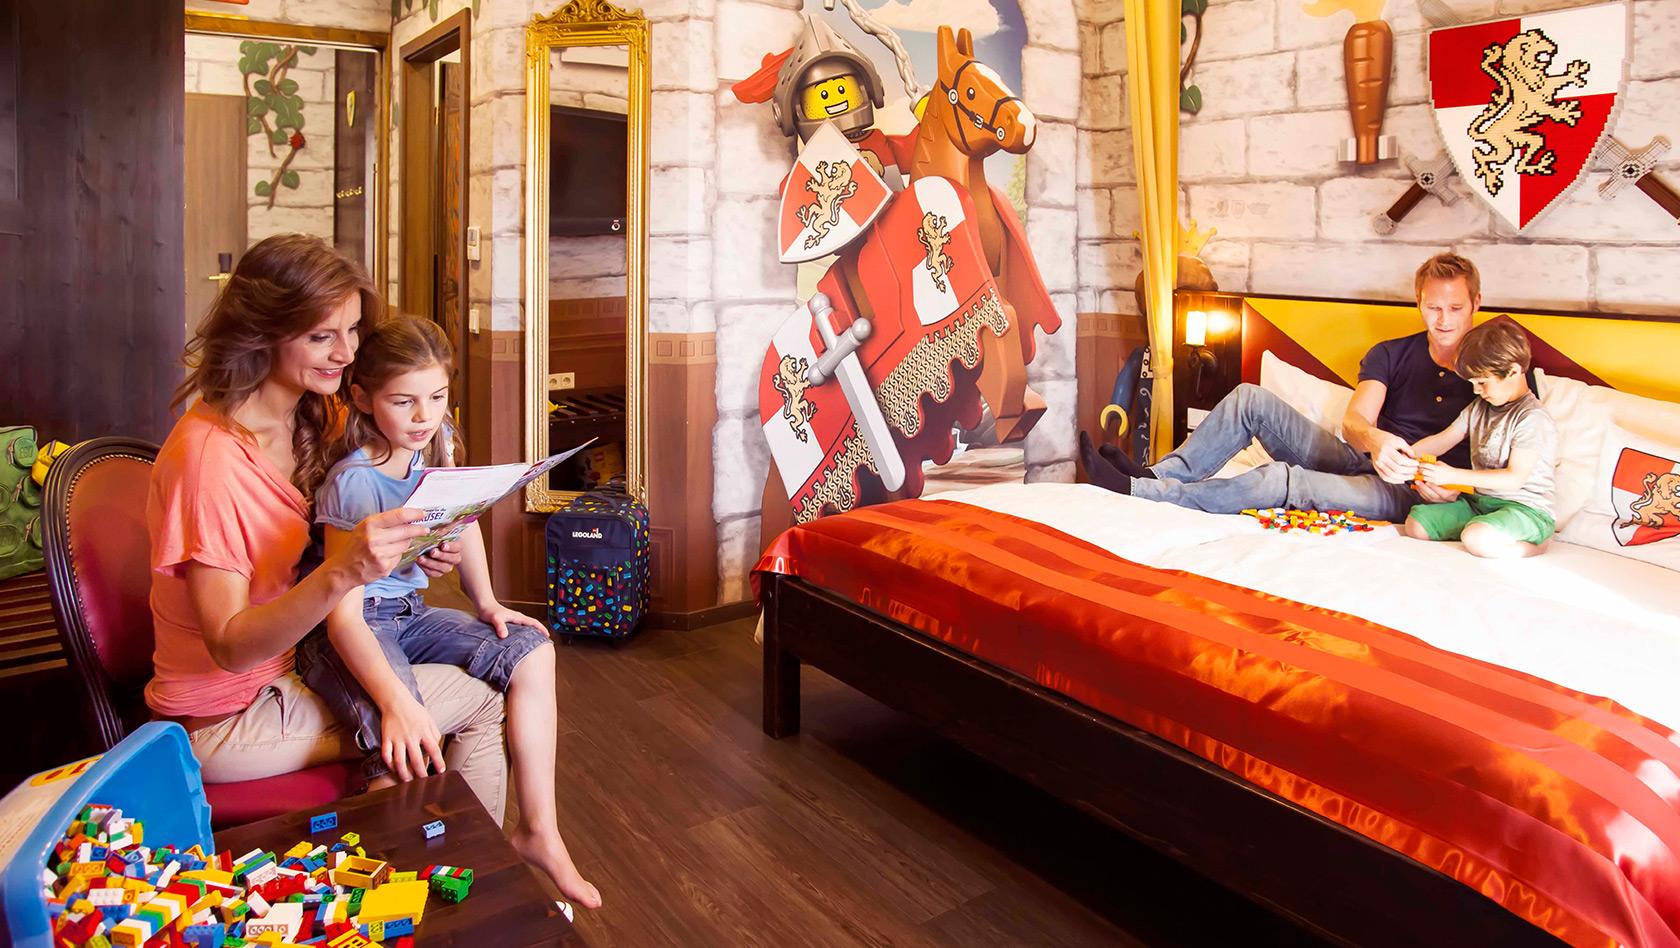 neues hotel f r legoland deutschland genehmigt entscheidung ber bau f r 2017 erwartet. Black Bedroom Furniture Sets. Home Design Ideas